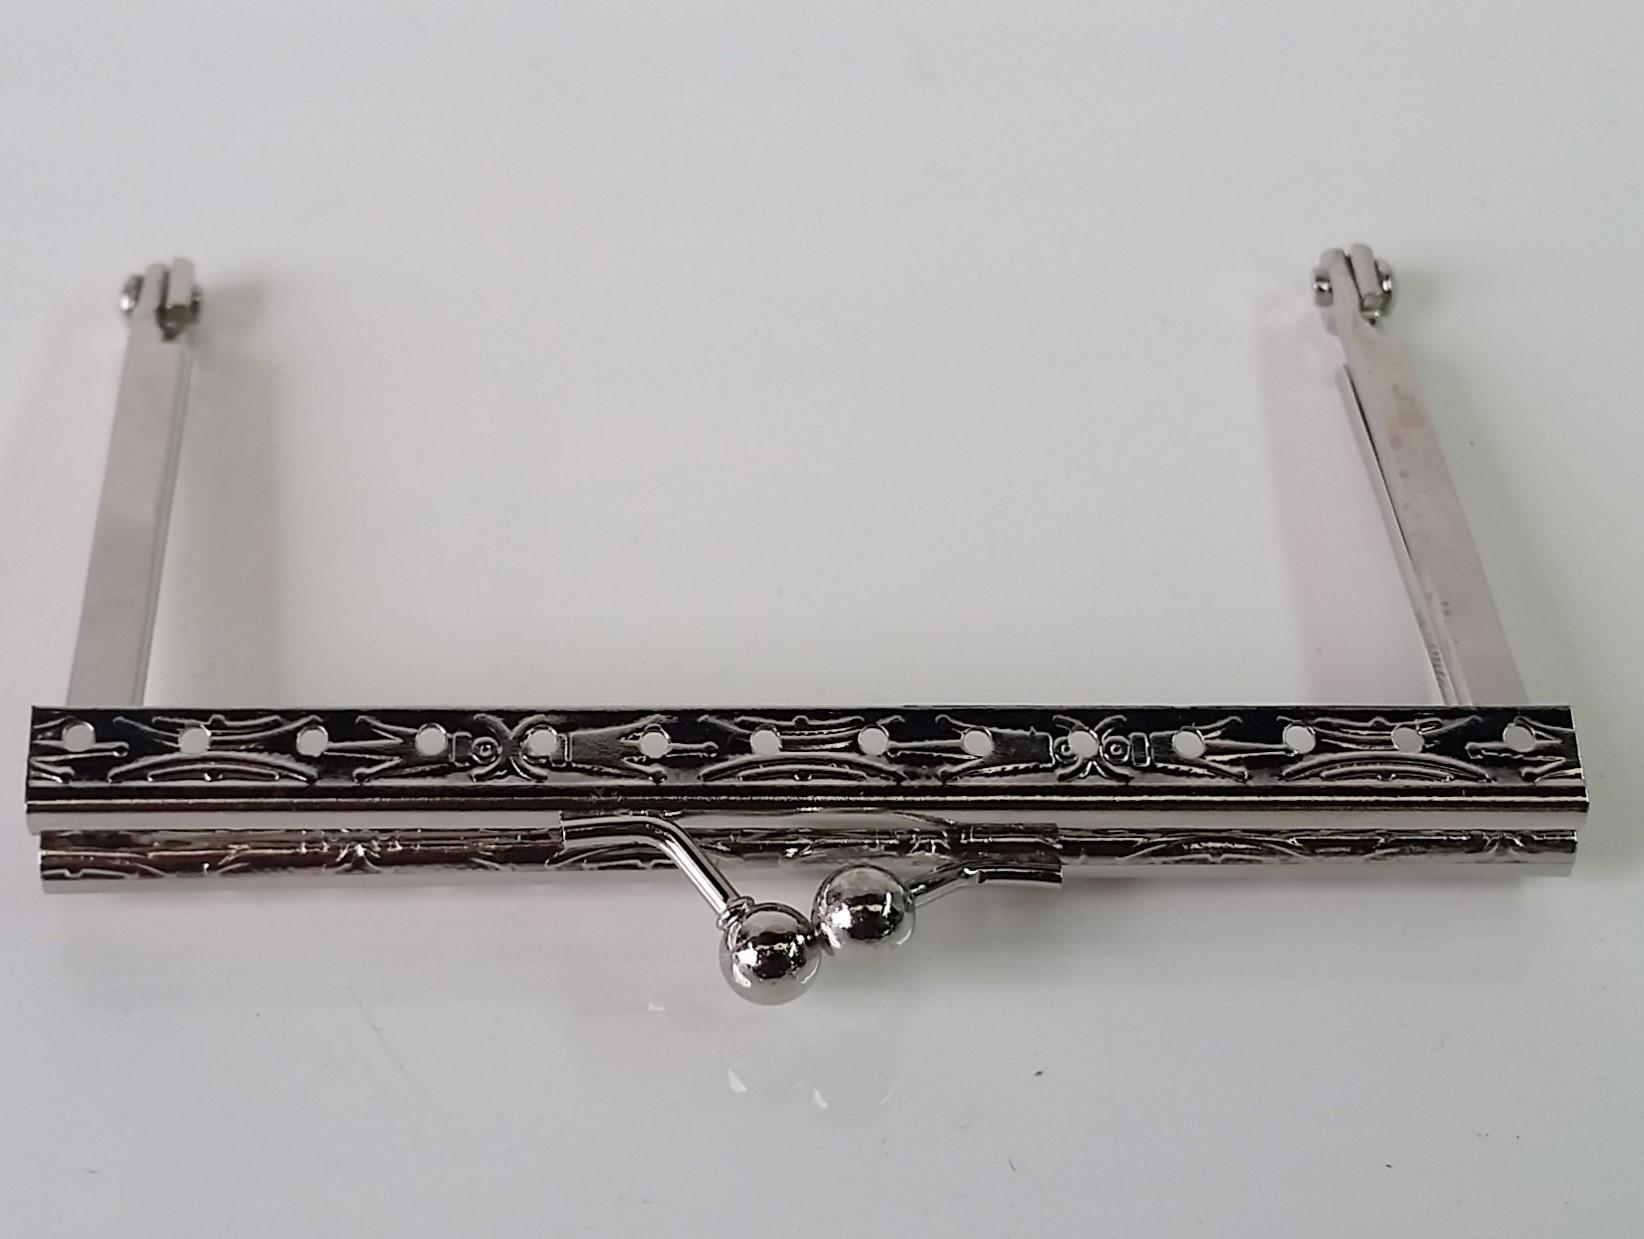 Armação 10cm x 6cm Desenhada c/ furos p/ costura Niquelada